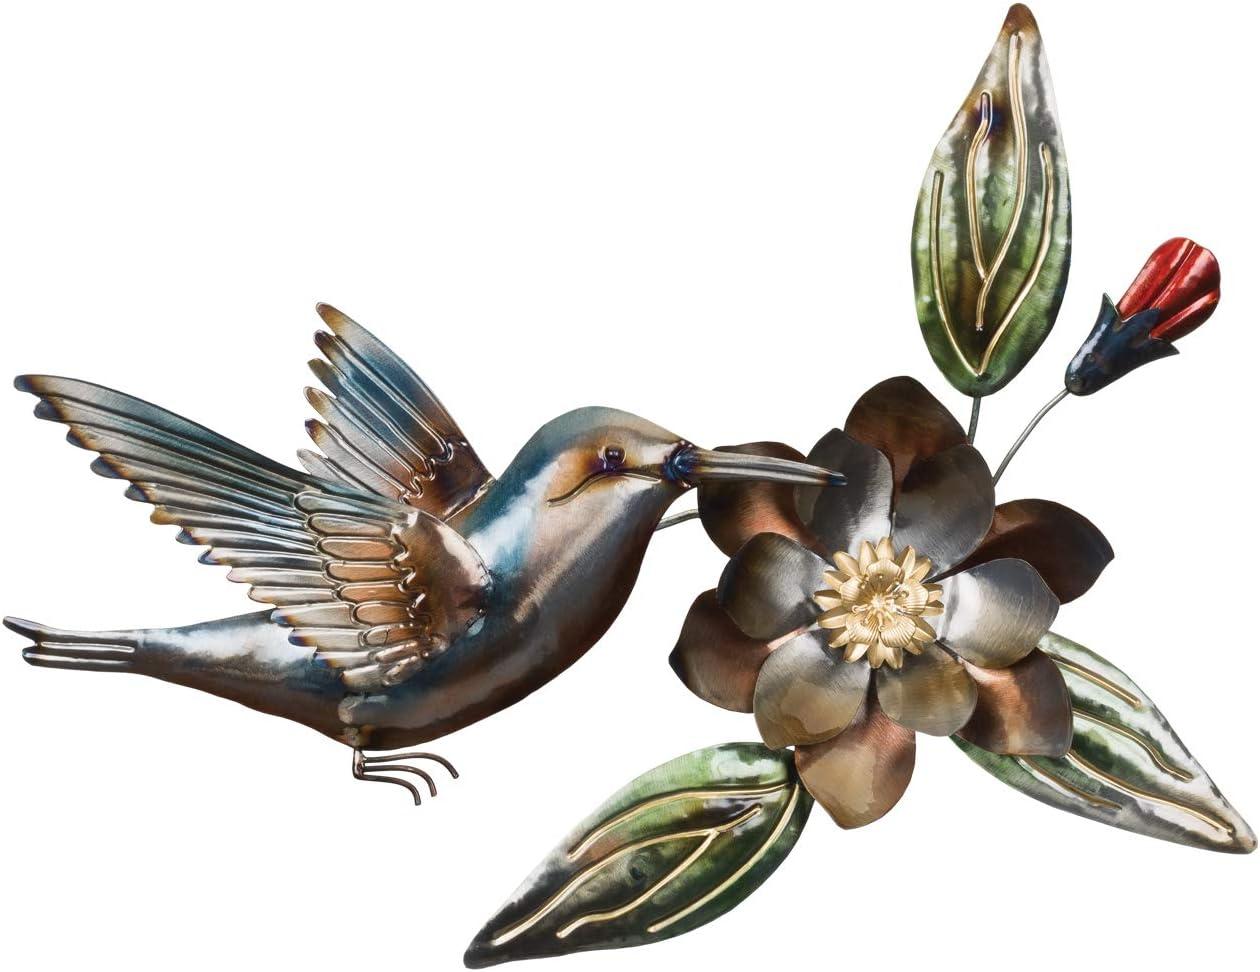 Regal Art & Gift 12656 Metallic Hummingbird Wall Decor Garden Décor, Bronze Gold